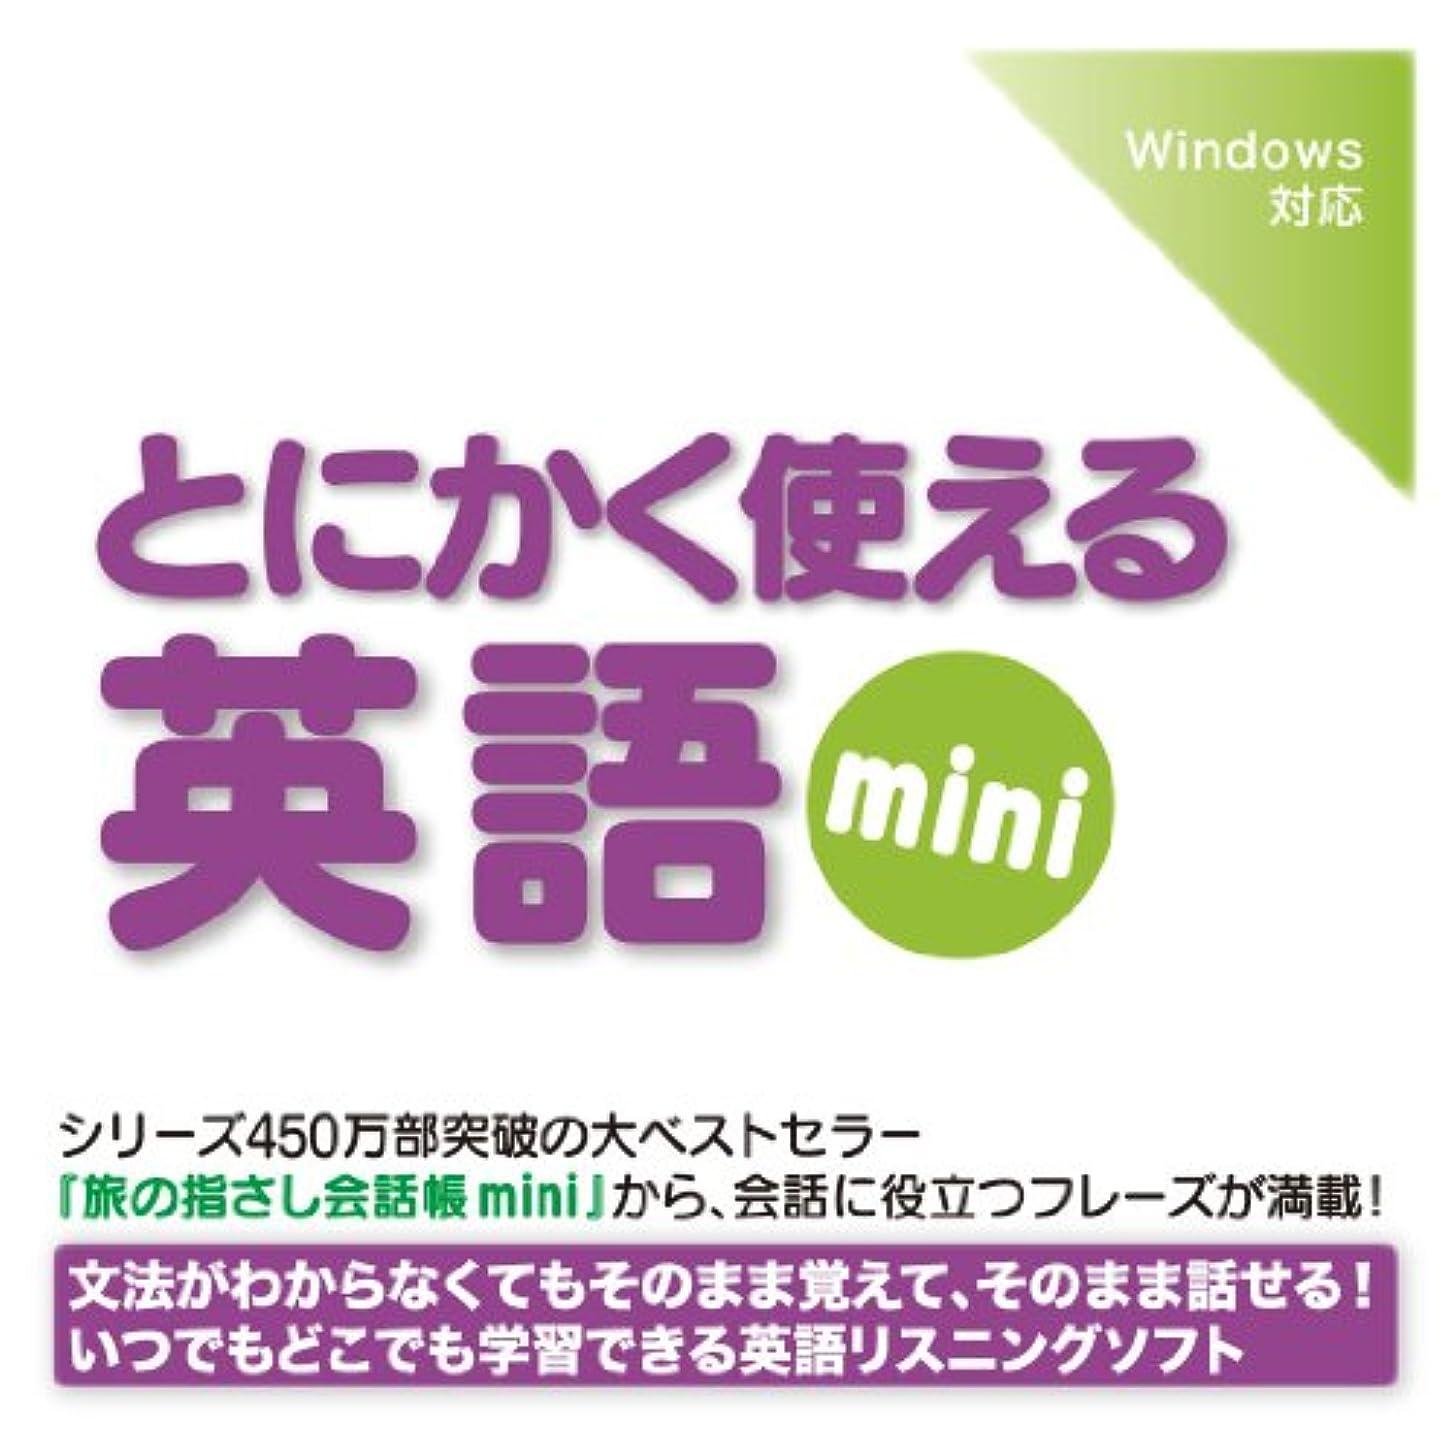 文芸お願いします高尚なiPodでとにかく使える英語mini【ダウンロード版】 Windows版 [ダウンロード]